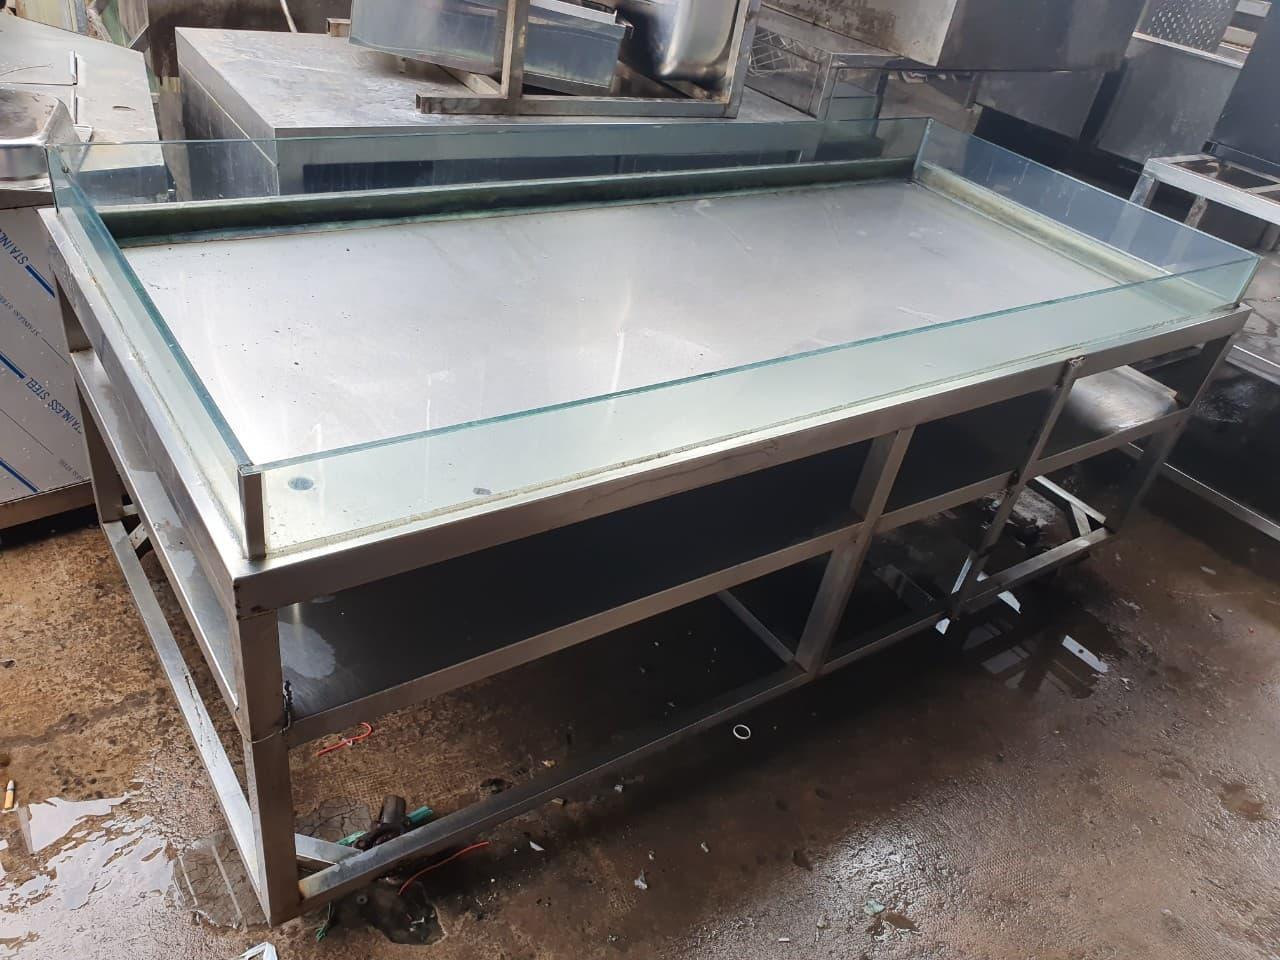 Thanh Lý kệ hải sản inox 304 80 x 2m